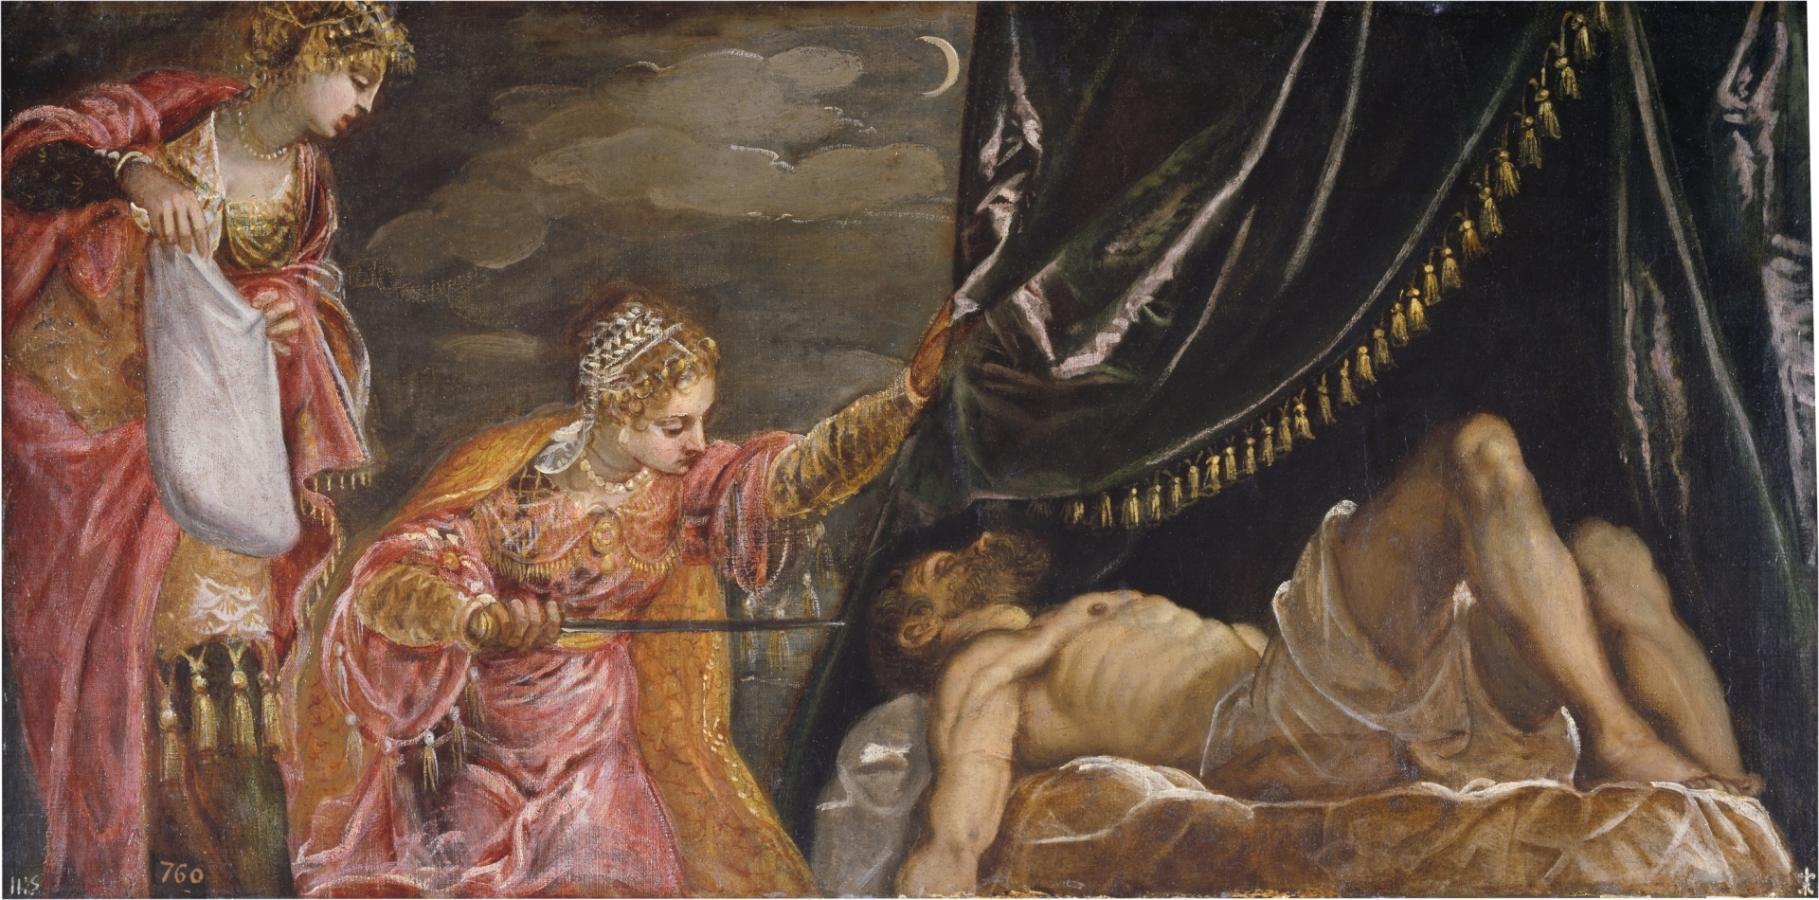 Giuditta e Oloferne (1552-1555)